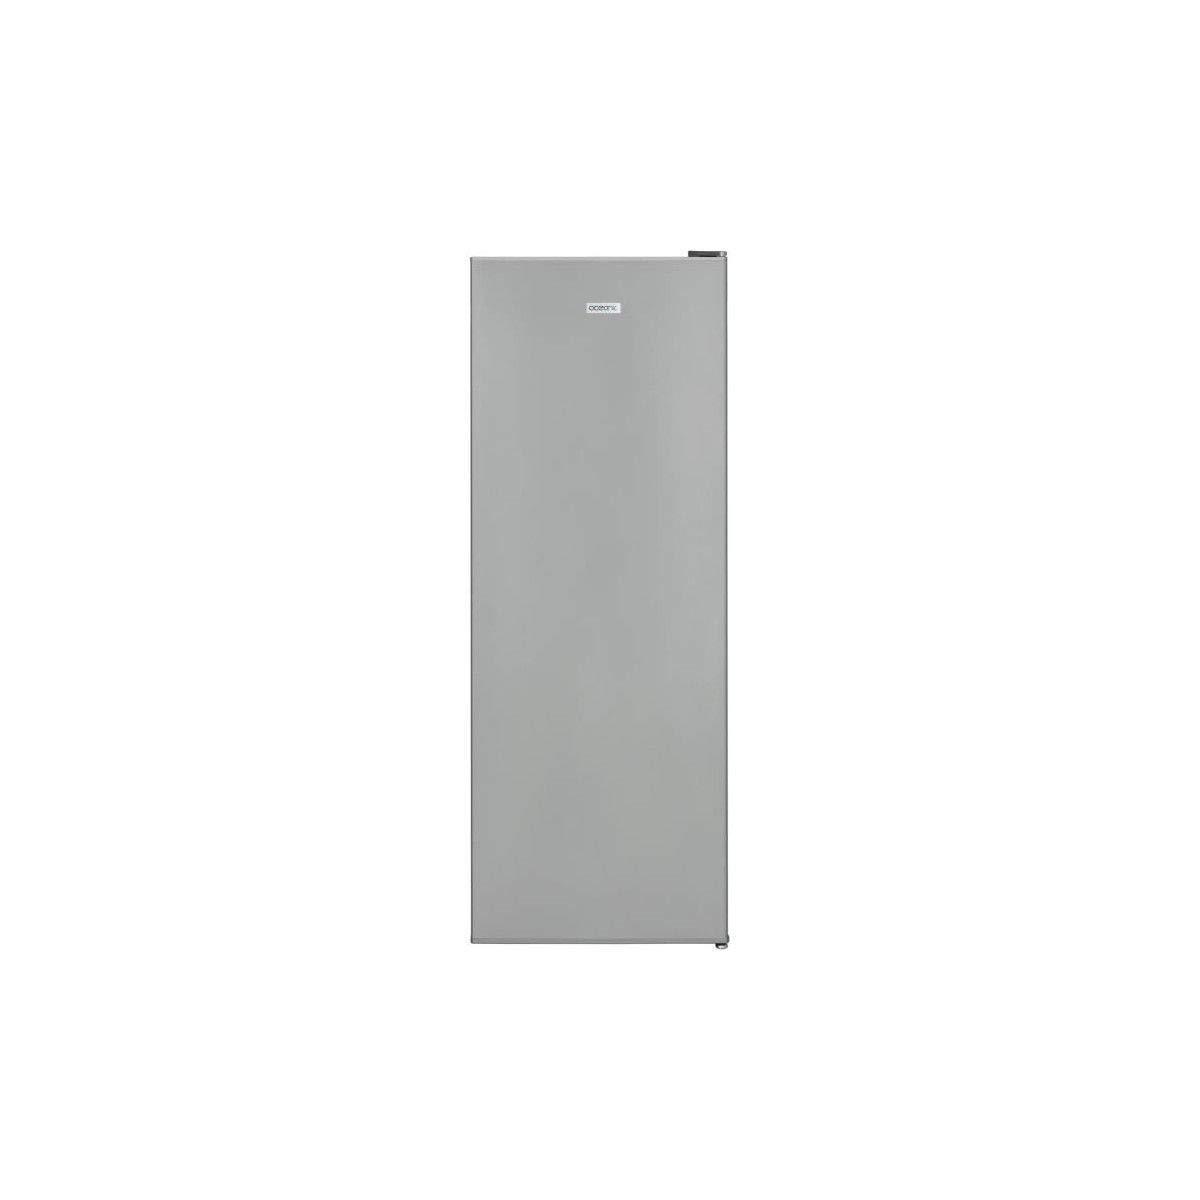 Oceanic oceacuf182s congélateur Armoire - 182l - Froid Statique - a+ - l54 x h145,5cm